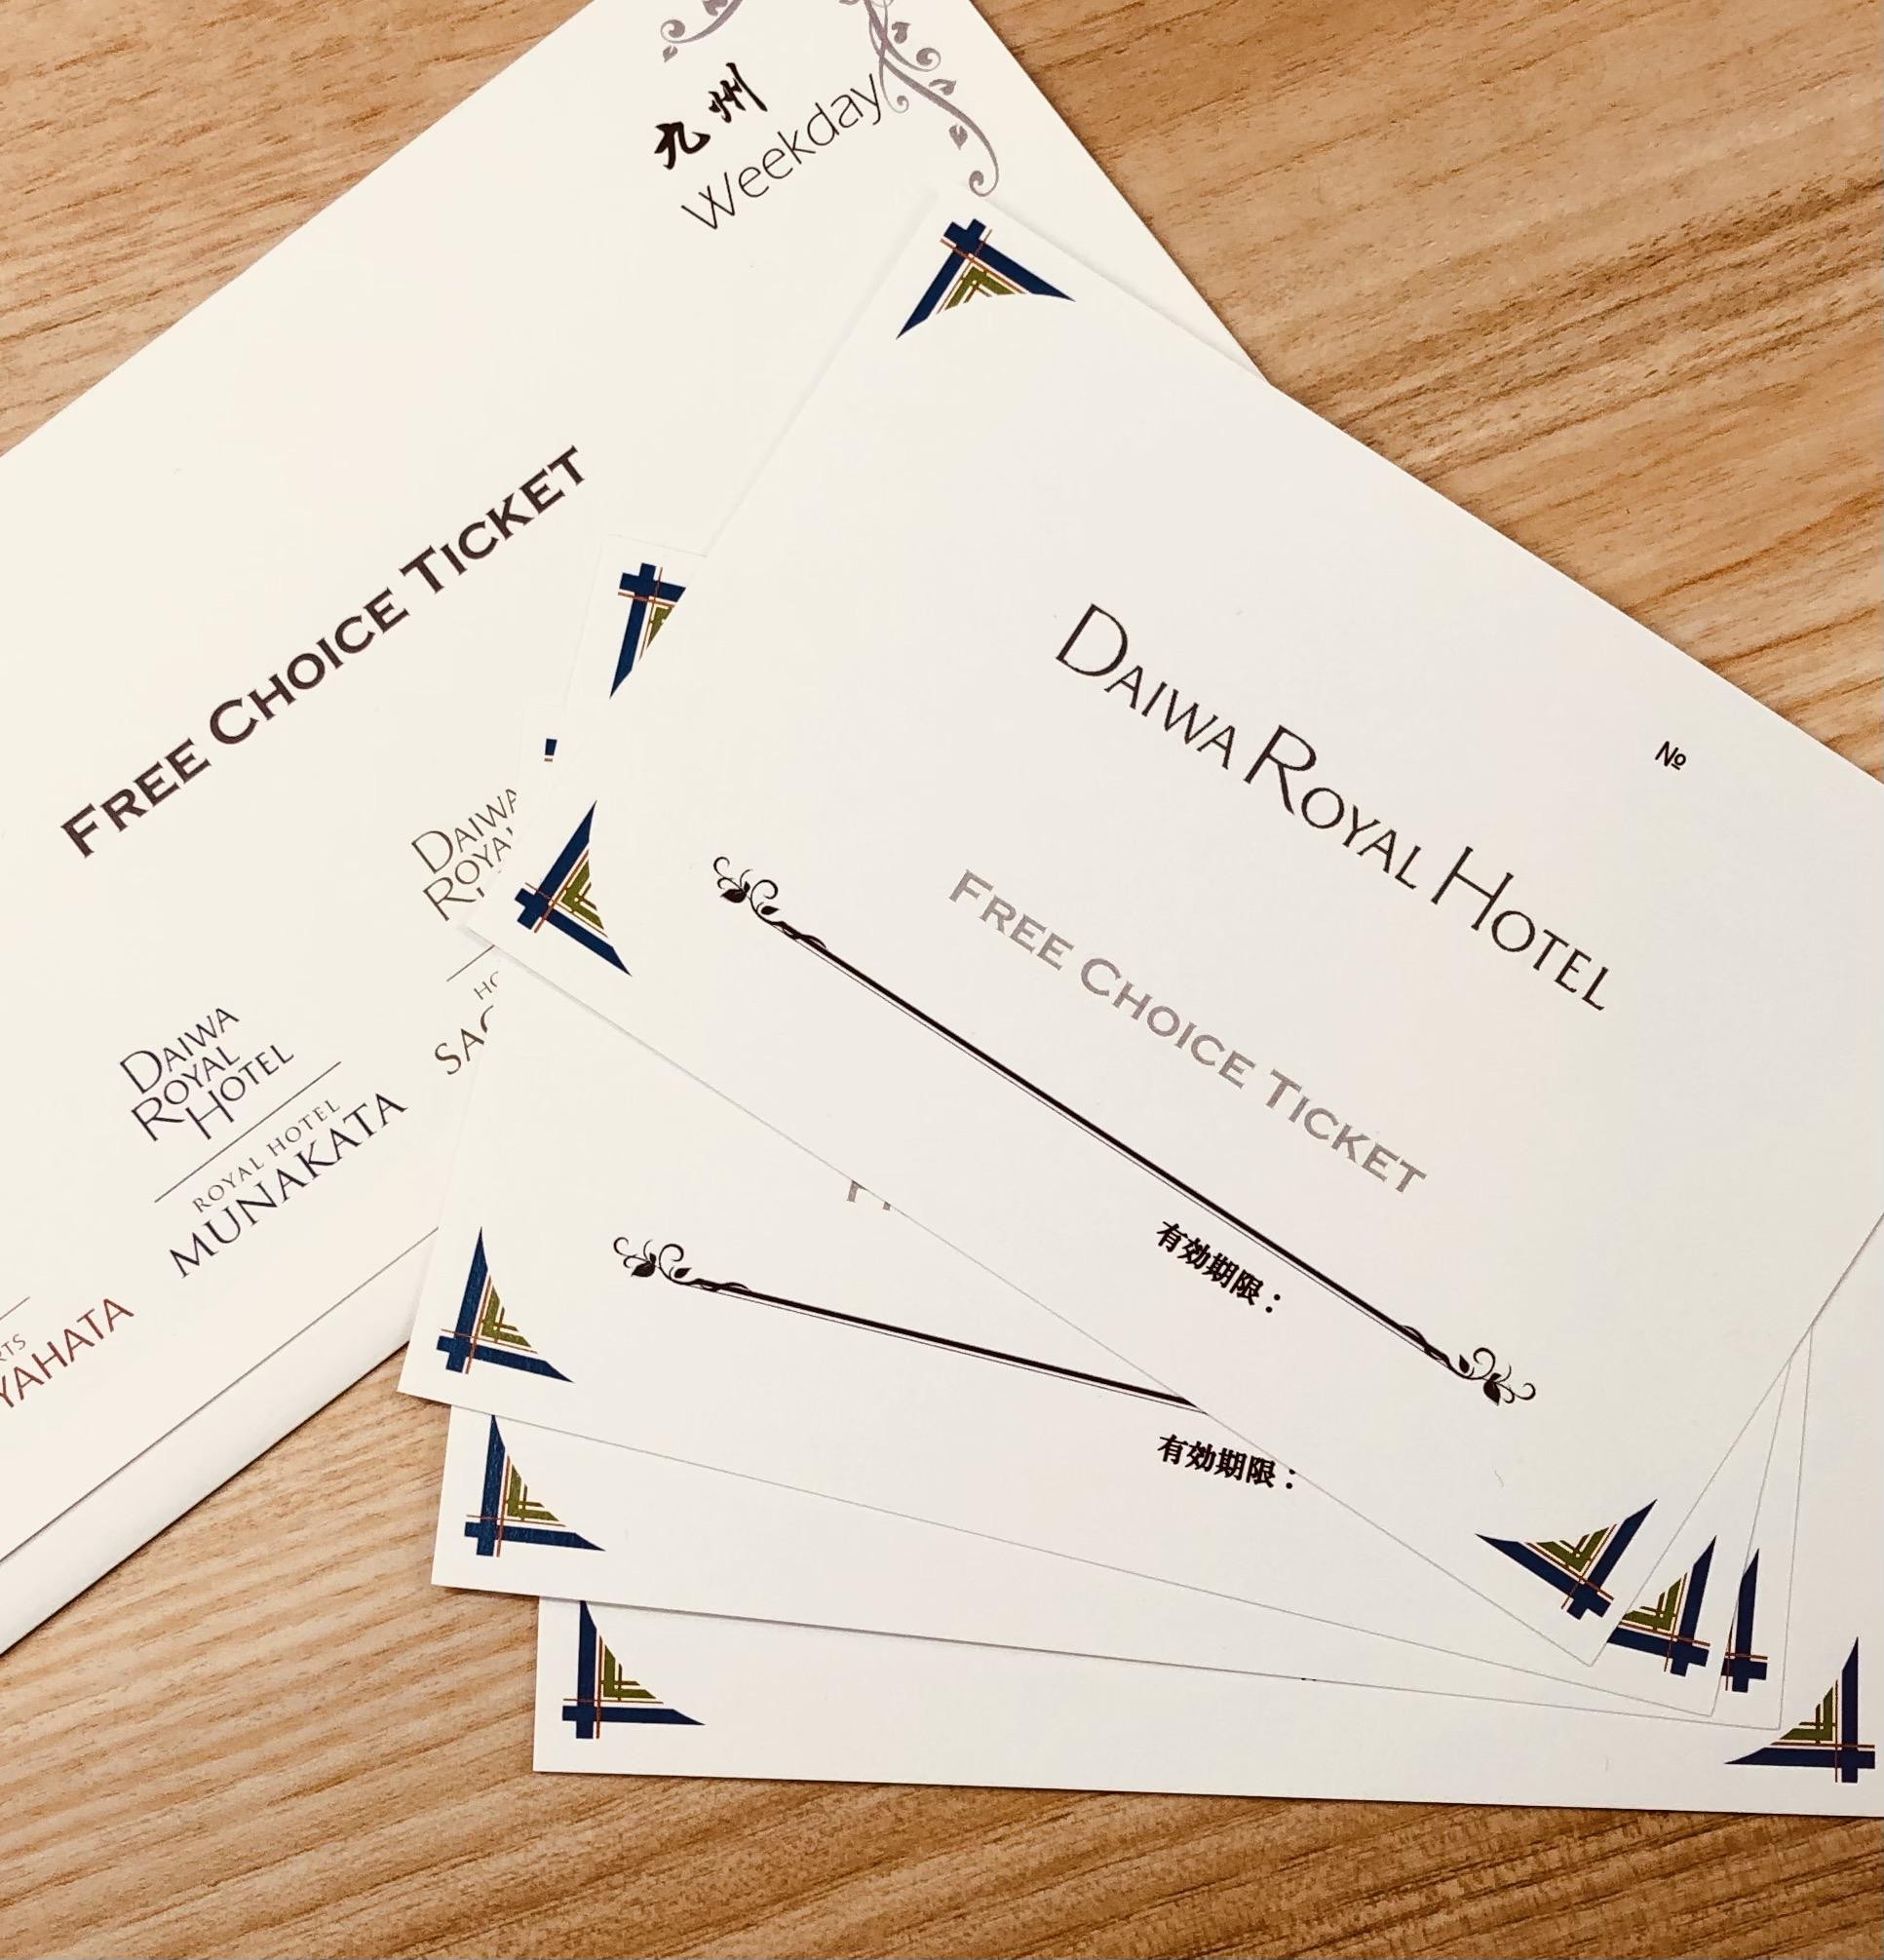 【100組限定】DAIWA ROYAL HOTEL Free Choice Ticket   [九州ウィークデイ]